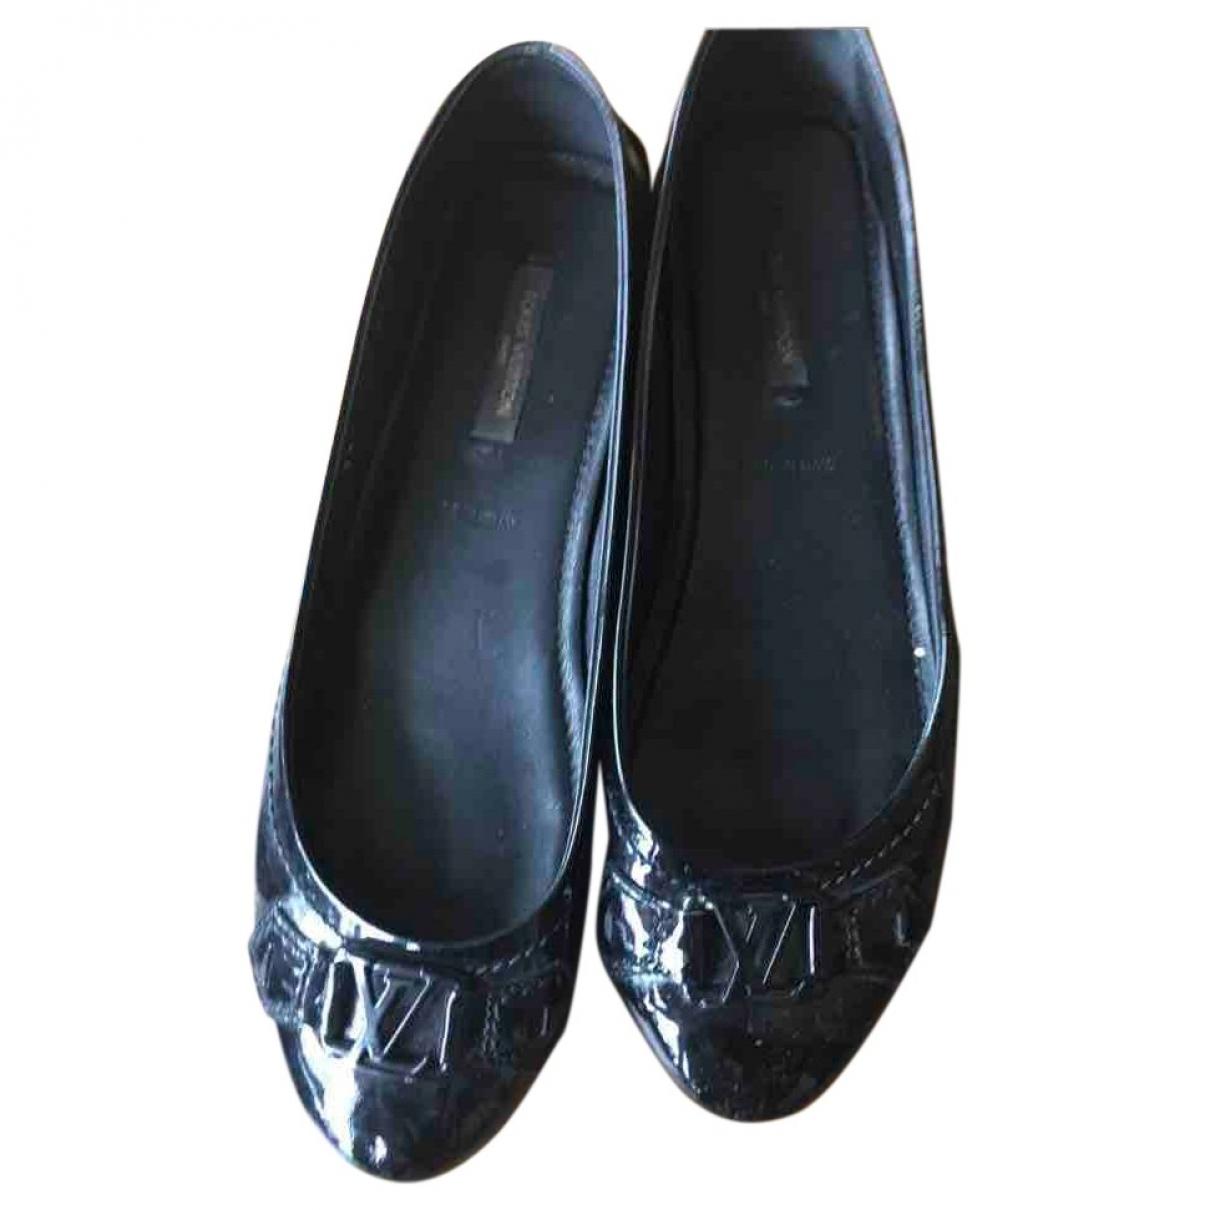 Louis Vuitton \N Black Patent leather Ballet flats for Women 37 EU